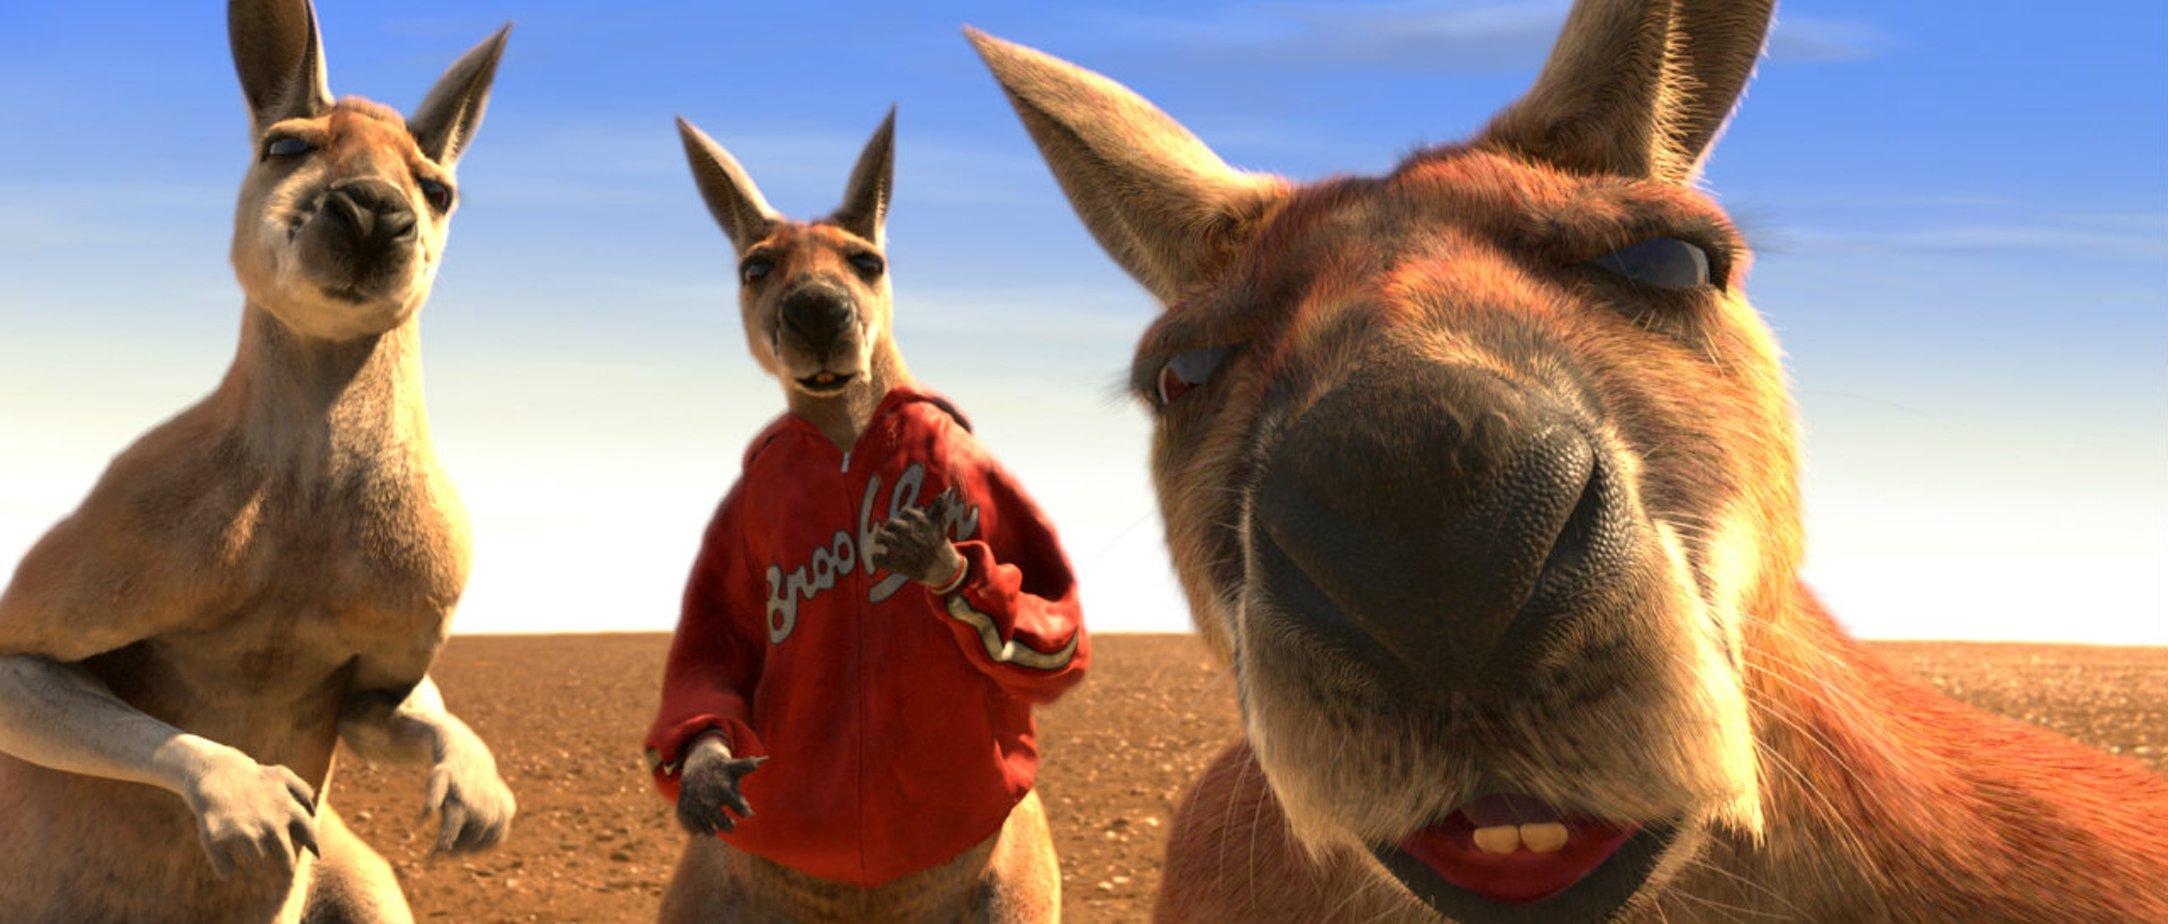 картинки кенгуру джекпот